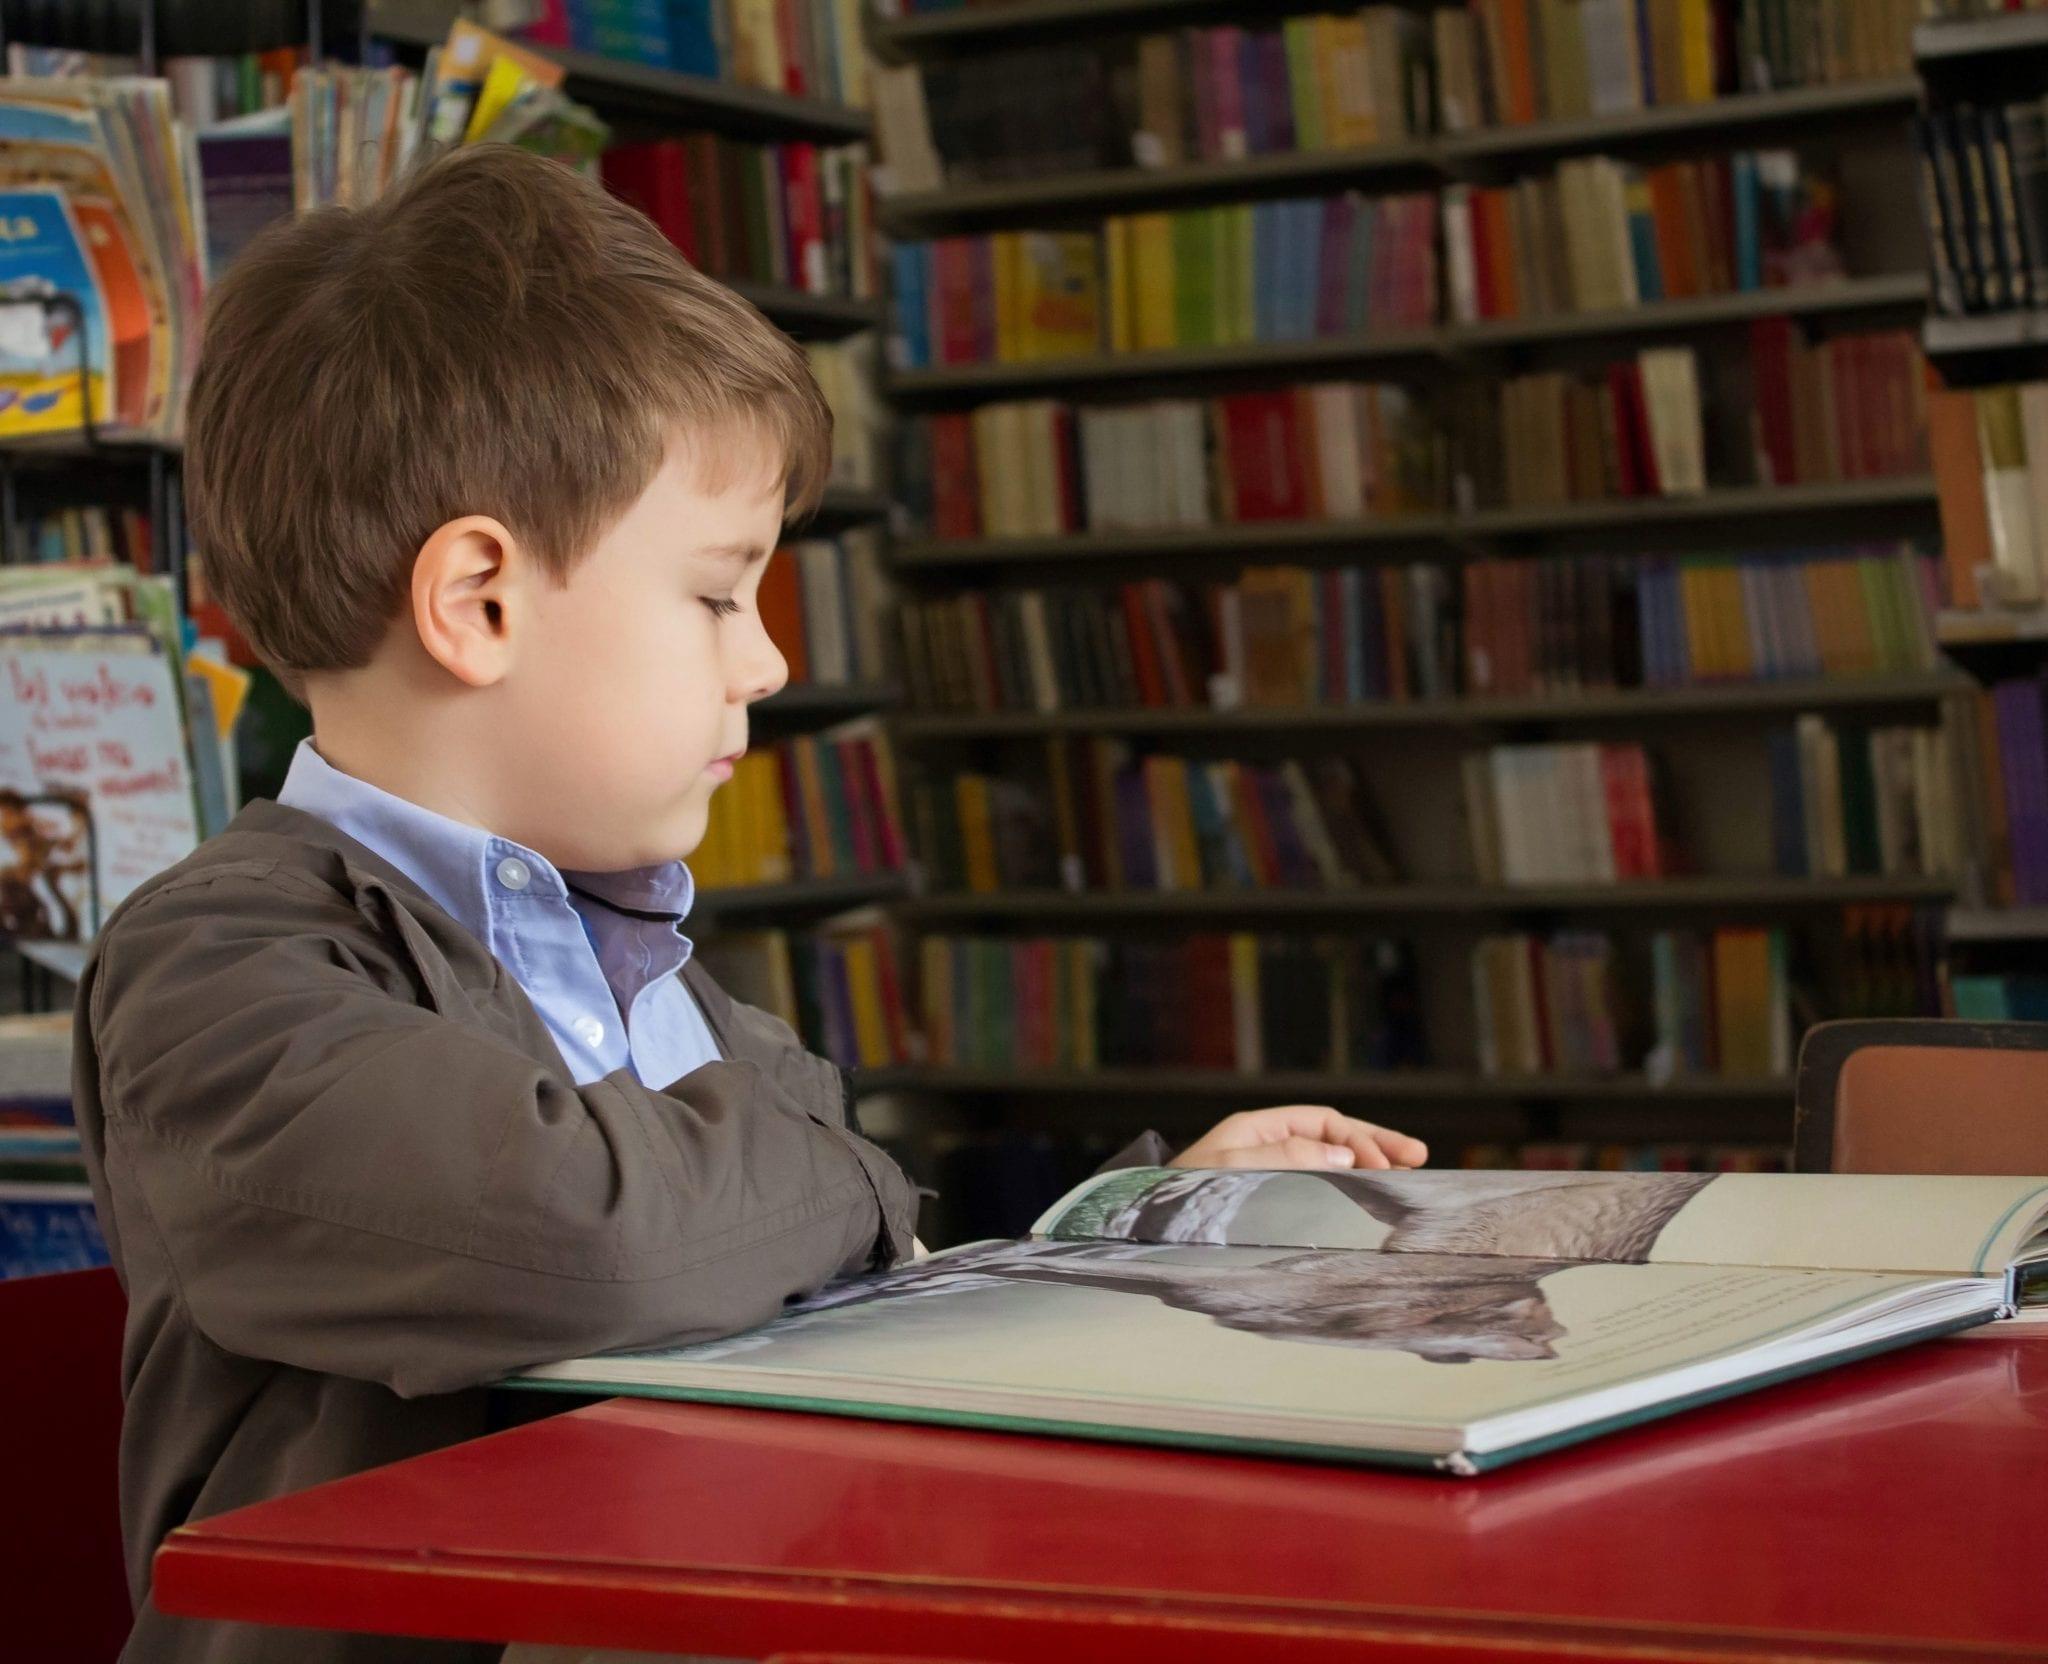 Boy reads K-12 materials